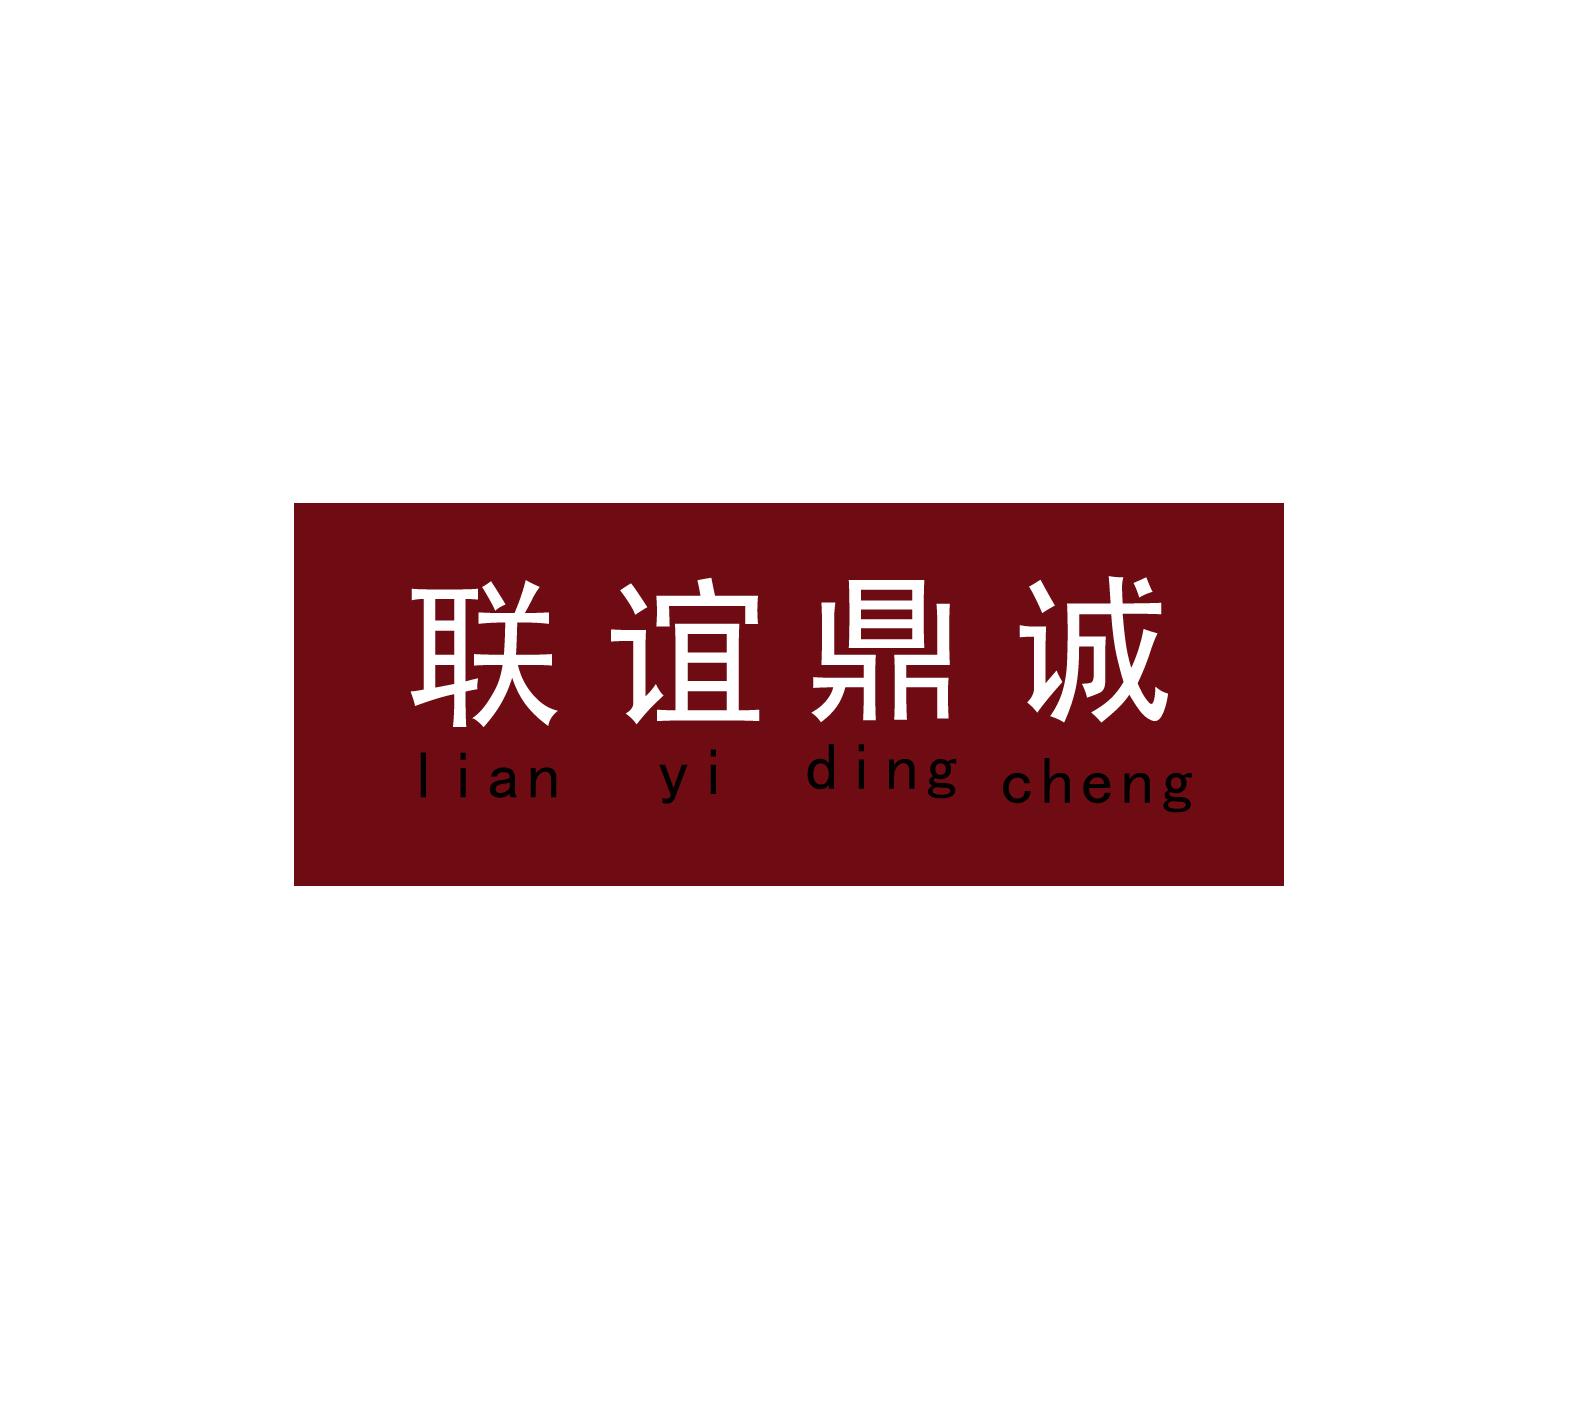 遂宁市联谊鼎诚建筑装饰工程有限公司